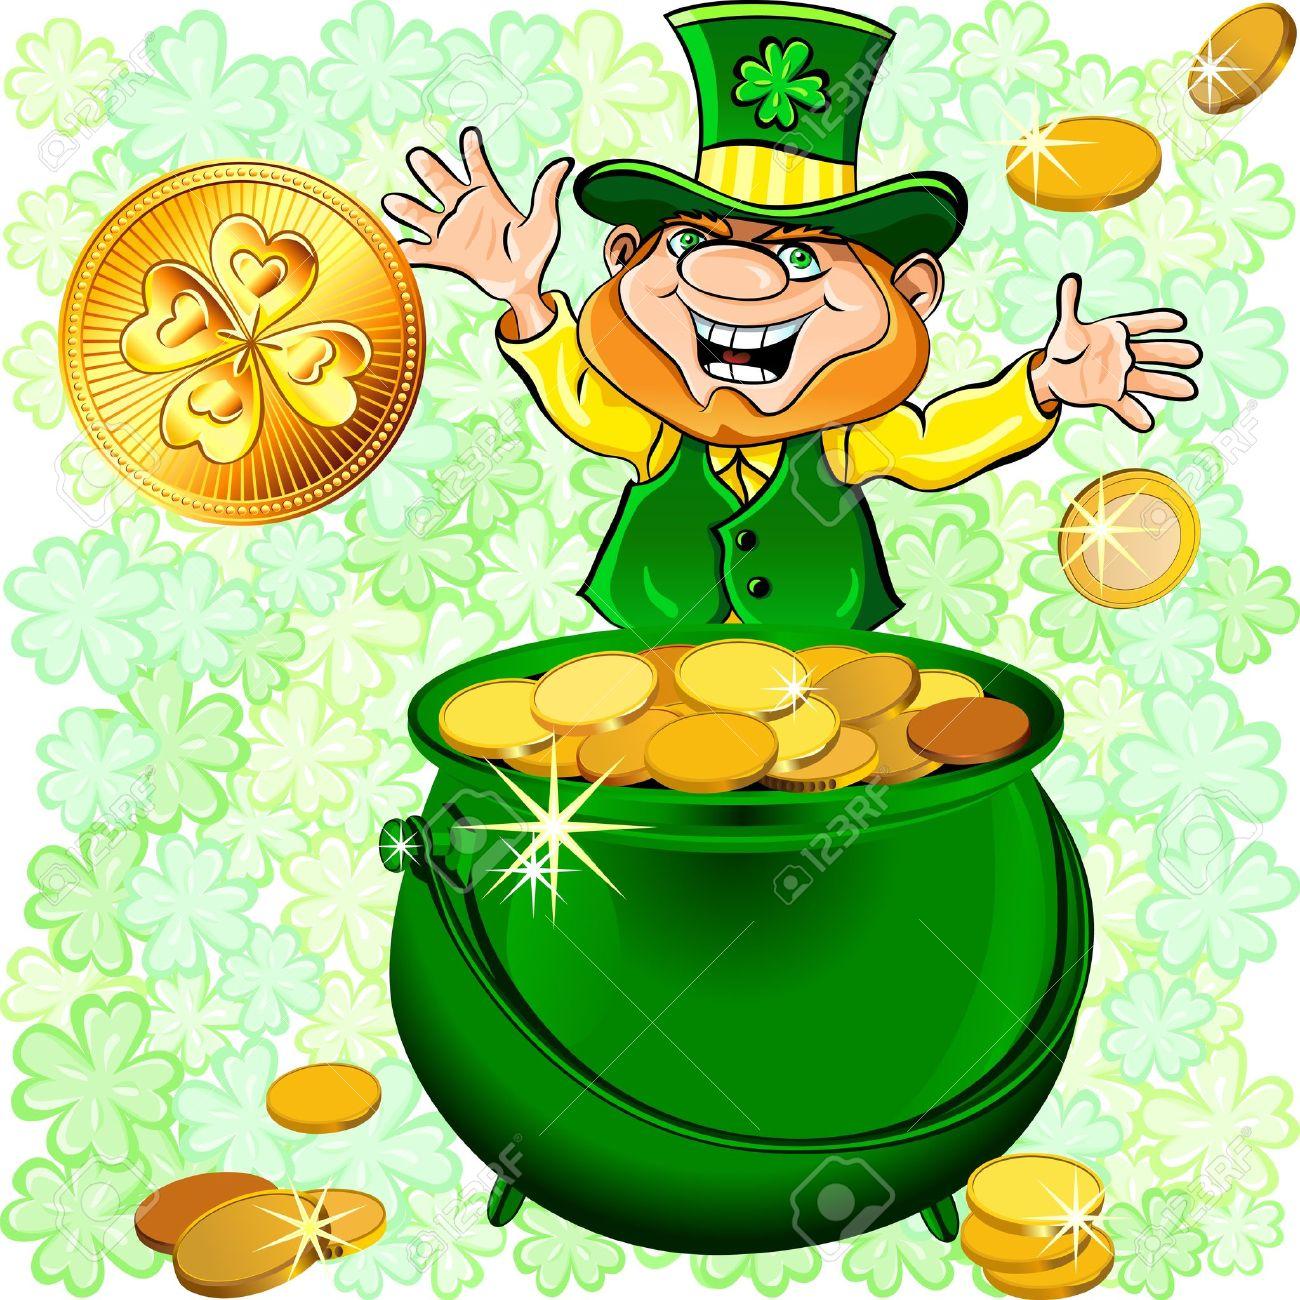 Bon Vendredi  -  Joyeuse Saint Patrick  12275416-Journ-e-Vecteur-St-Patrick-heureux-lutin-avec-un-pot-plein-de-pi-ces-de-monnaie-d-argent-d-or-Banque-d'images